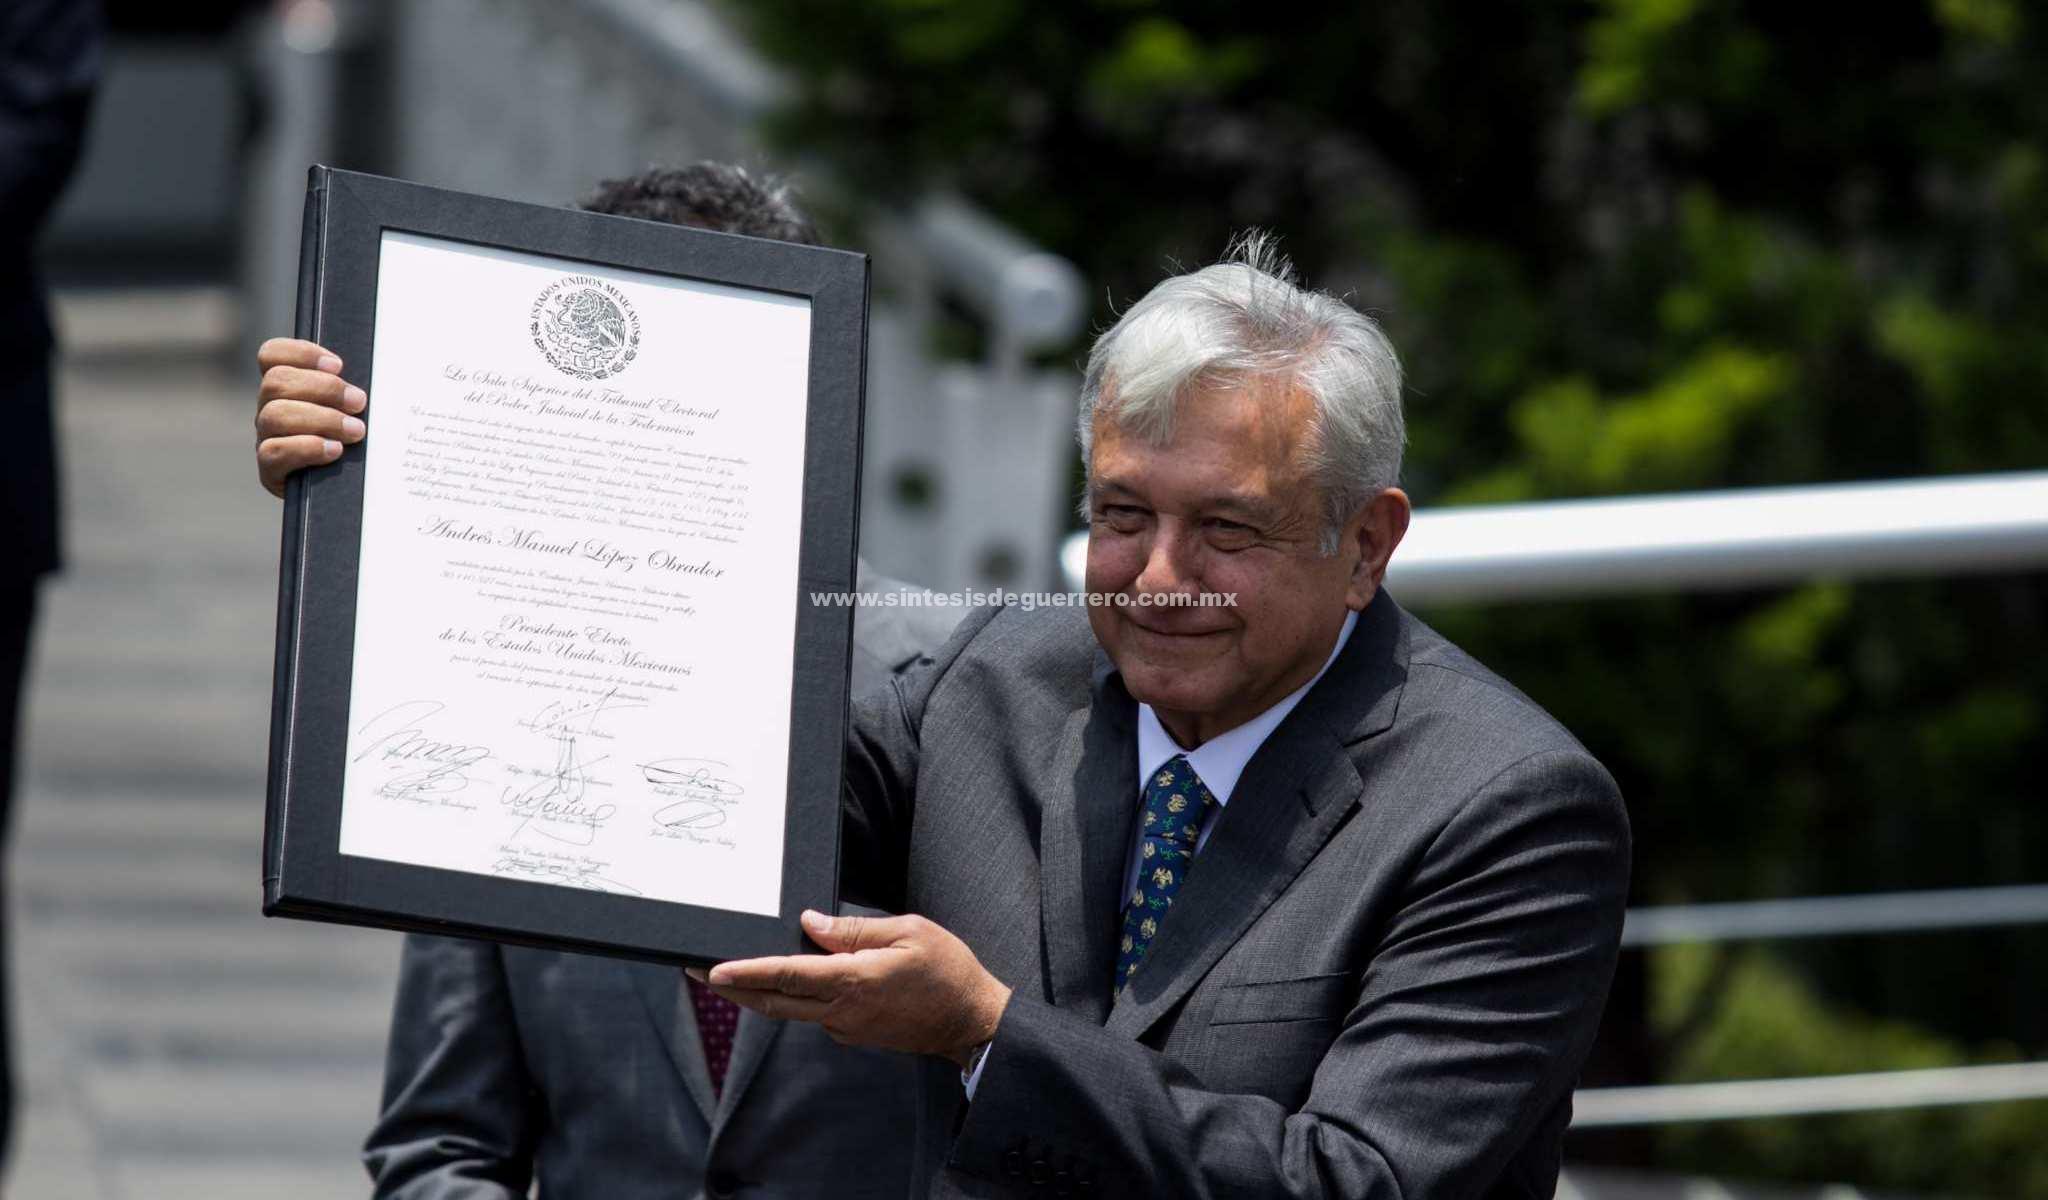 López Obrador, el presidente que estará menos de 6 años en el poder